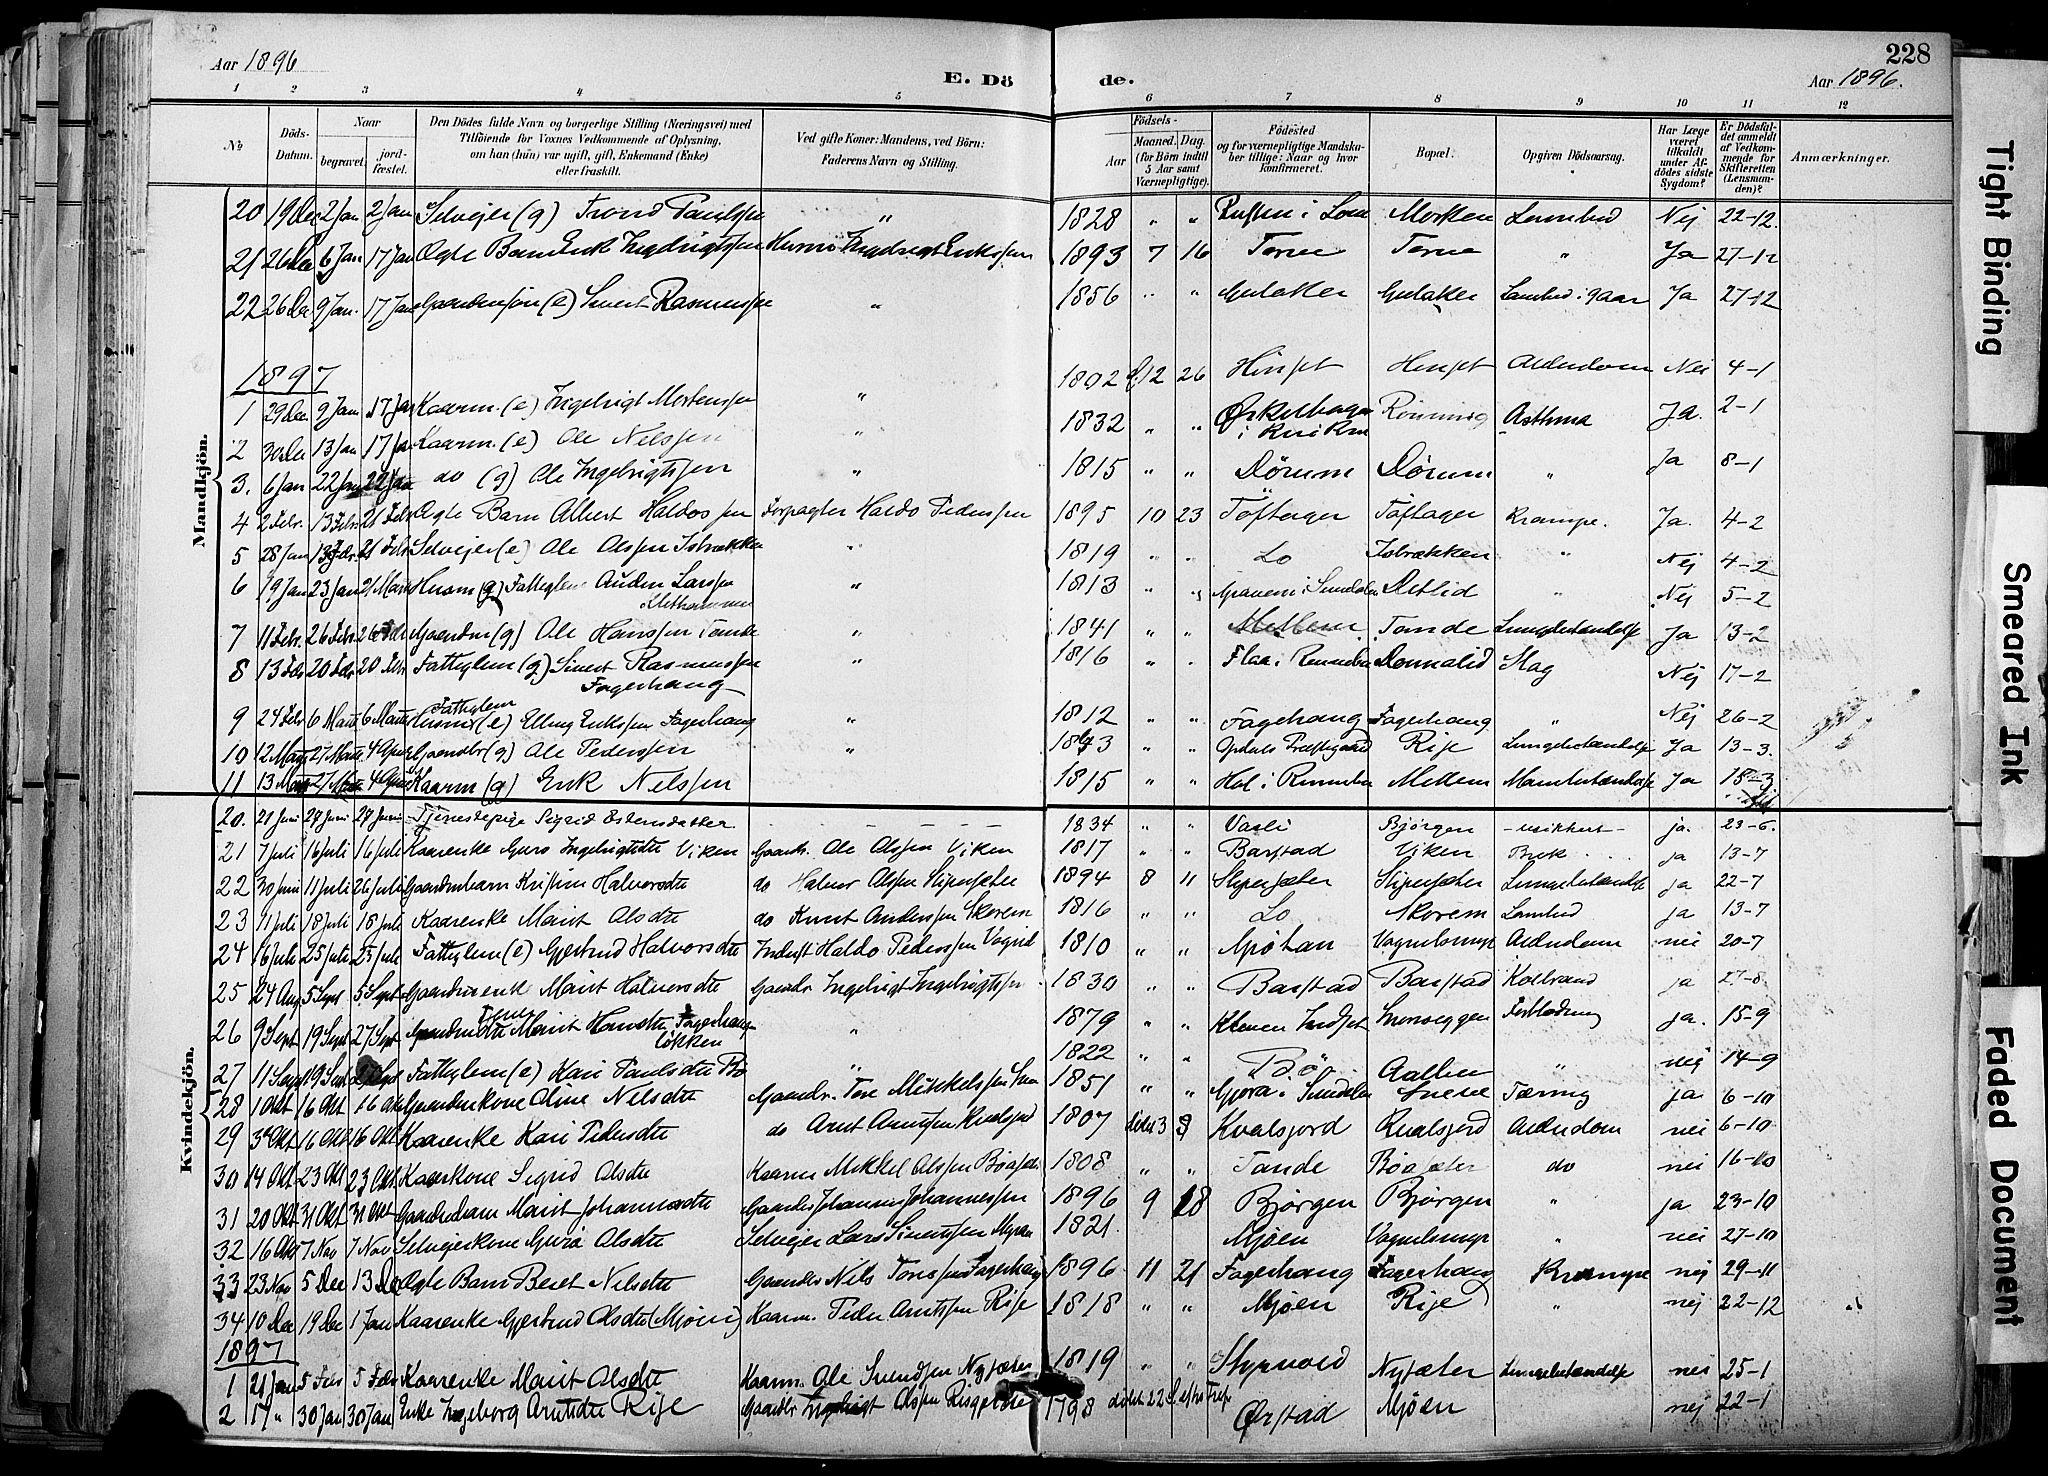 SAT, Ministerialprotokoller, klokkerbøker og fødselsregistre - Sør-Trøndelag, 678/L0902: Ministerialbok nr. 678A11, 1895-1911, s. 228